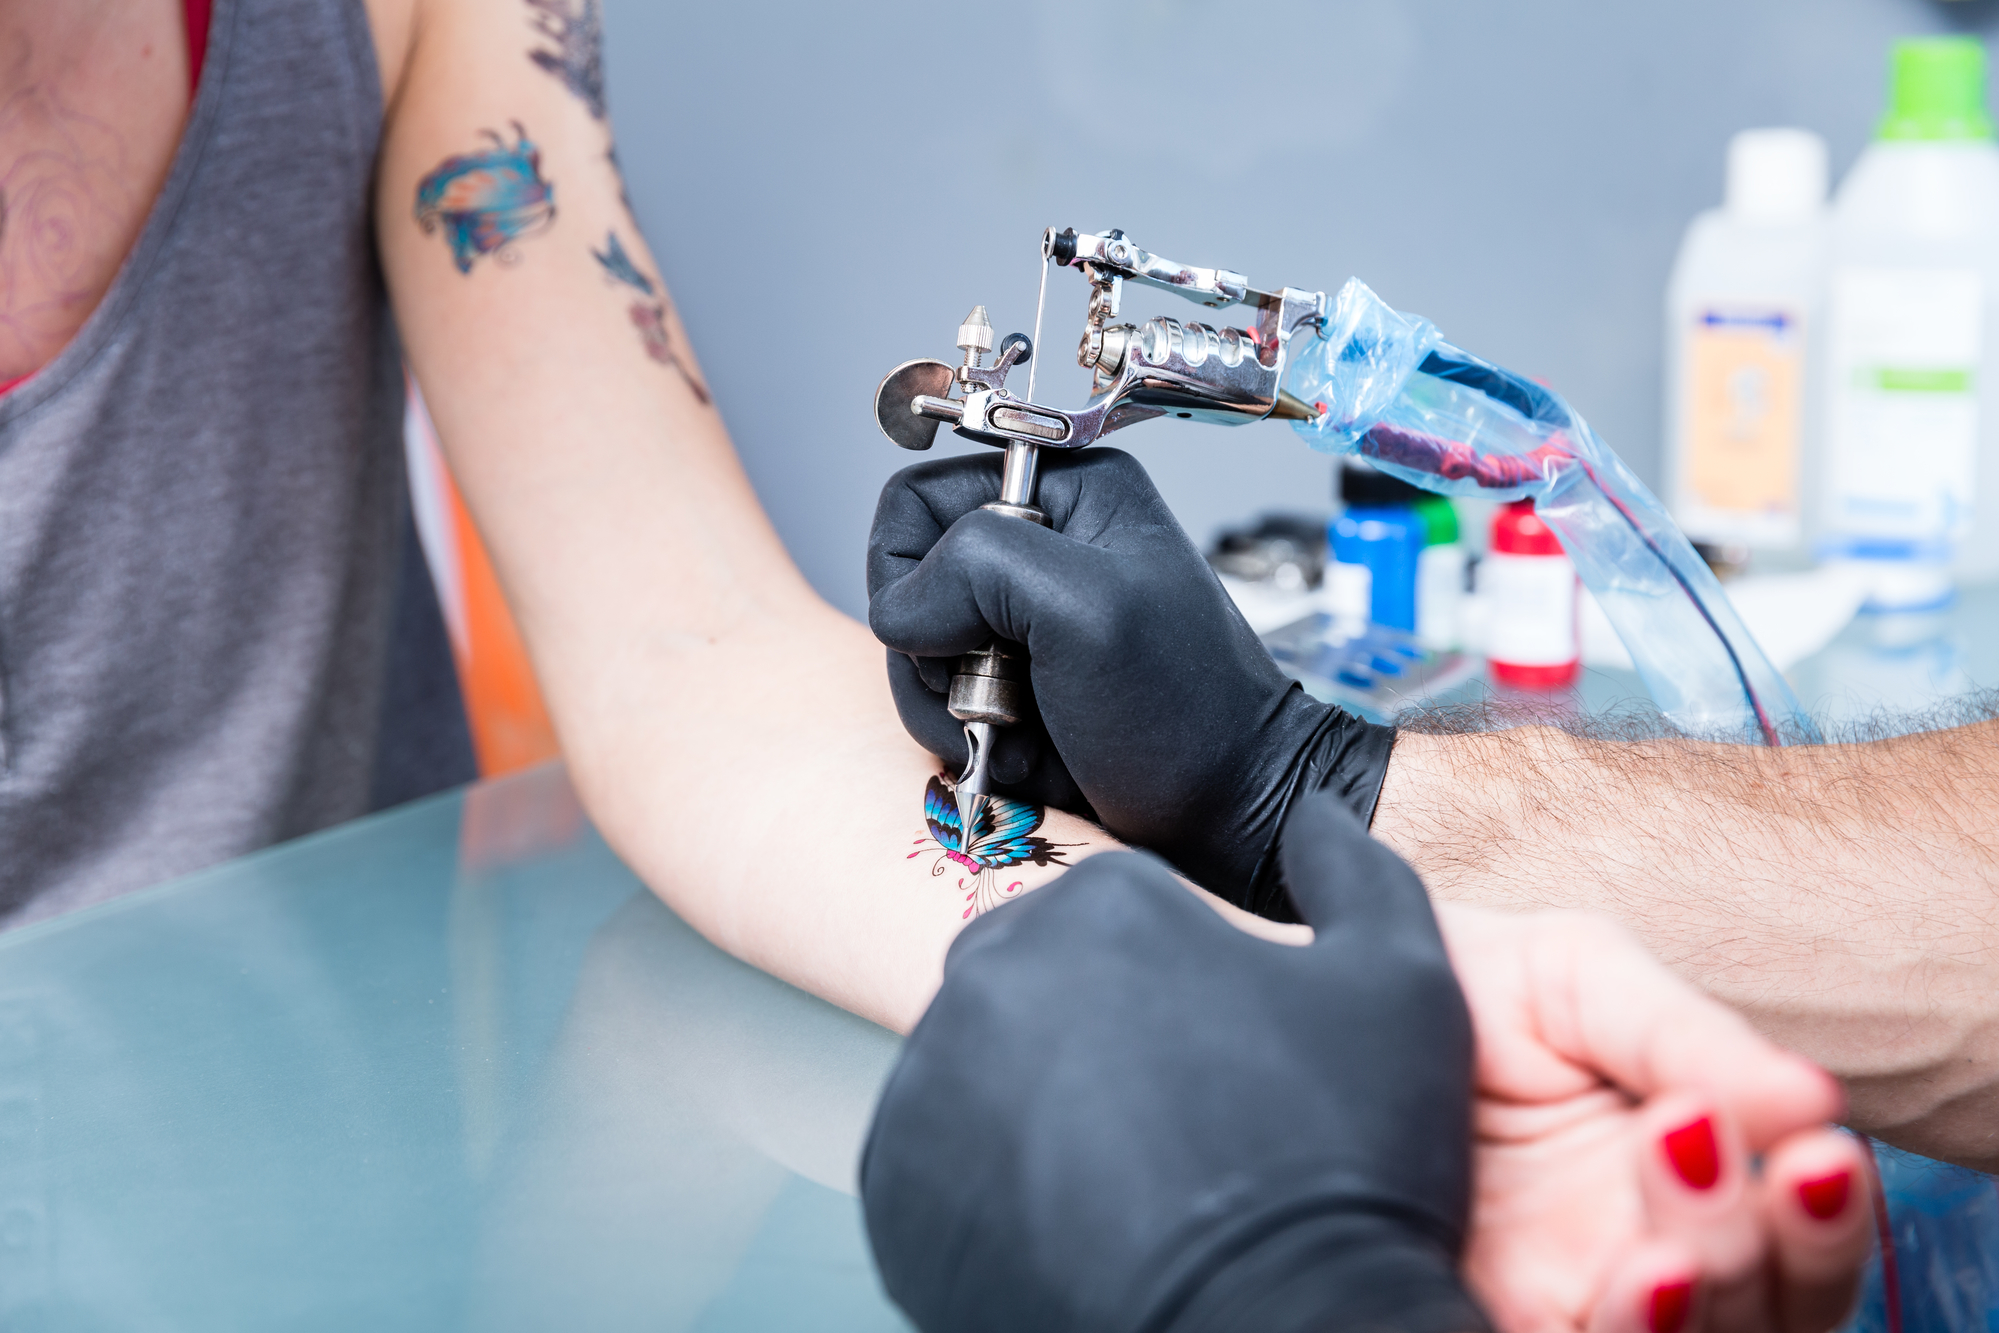 Subtelny Tatuaż Pięć Propozycji Na żebrach Szyi Stopie